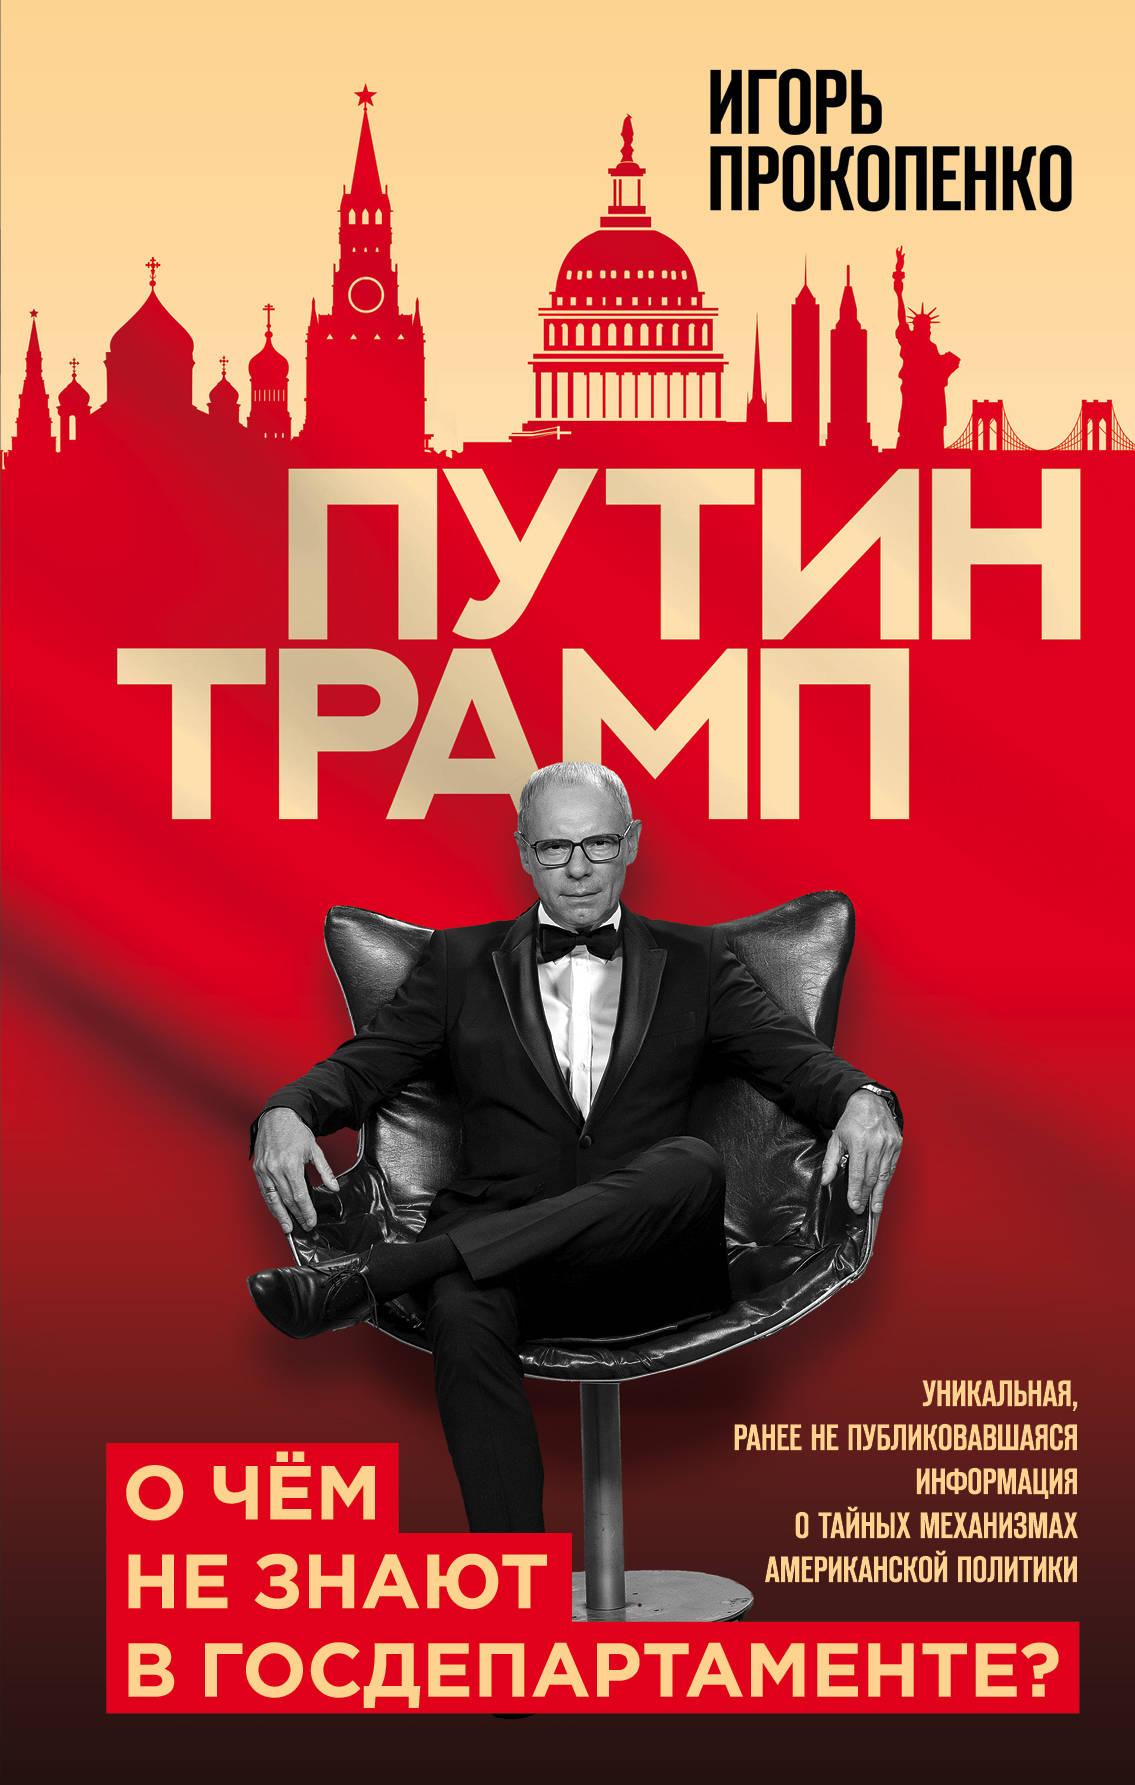 Игорь Прокопенко Путин - Трамп. О чем не знают в Госдепартаменте?